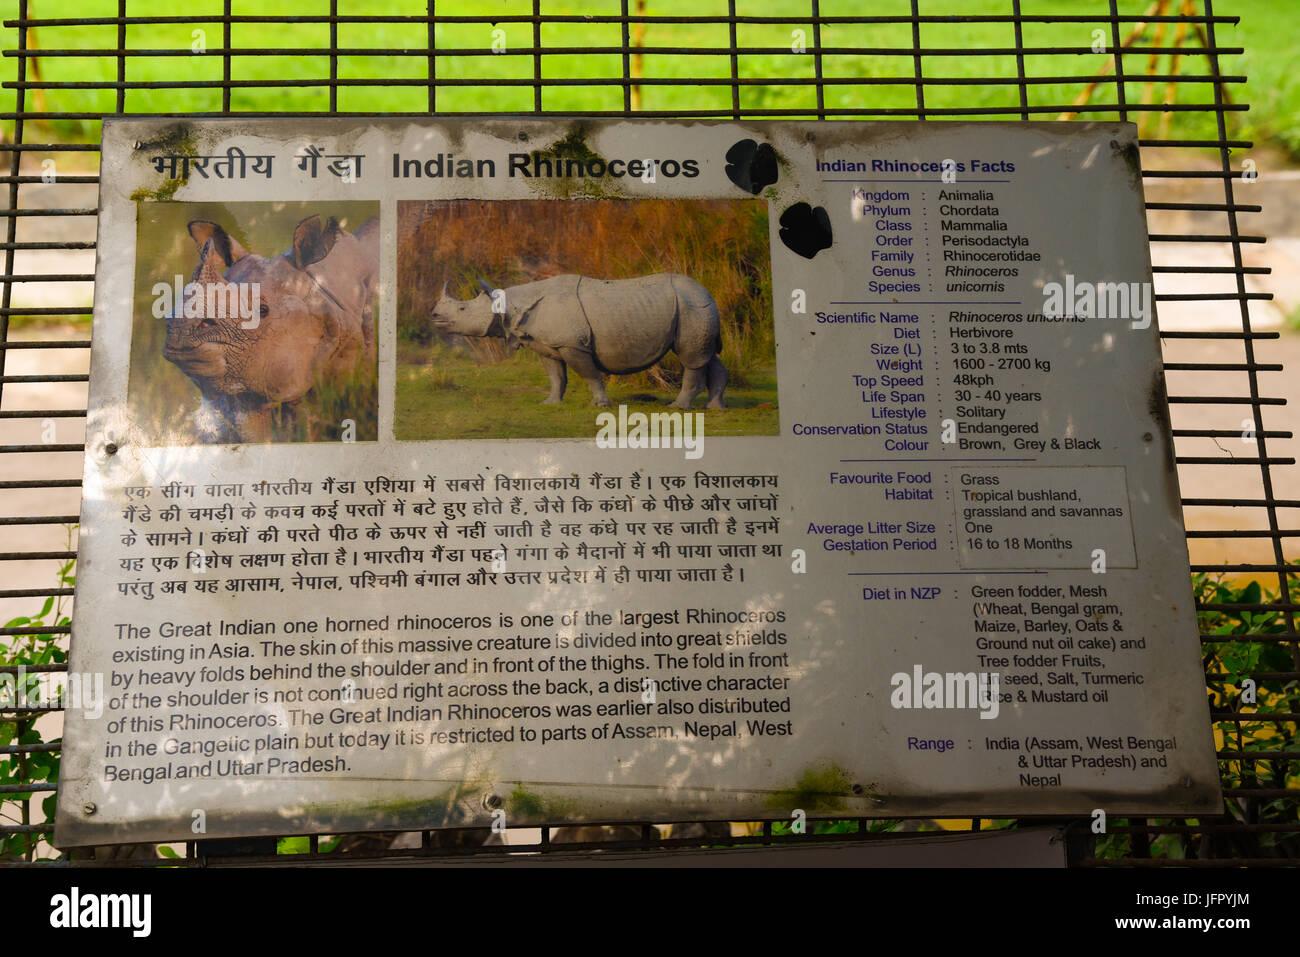 Balades sauvages rhinocéros indien dans l'air extérieur parc naturel verdoyant ou la forêt en mois de juin 2017 après la pluie avec les dernières informations sur l'image Banque D'Images